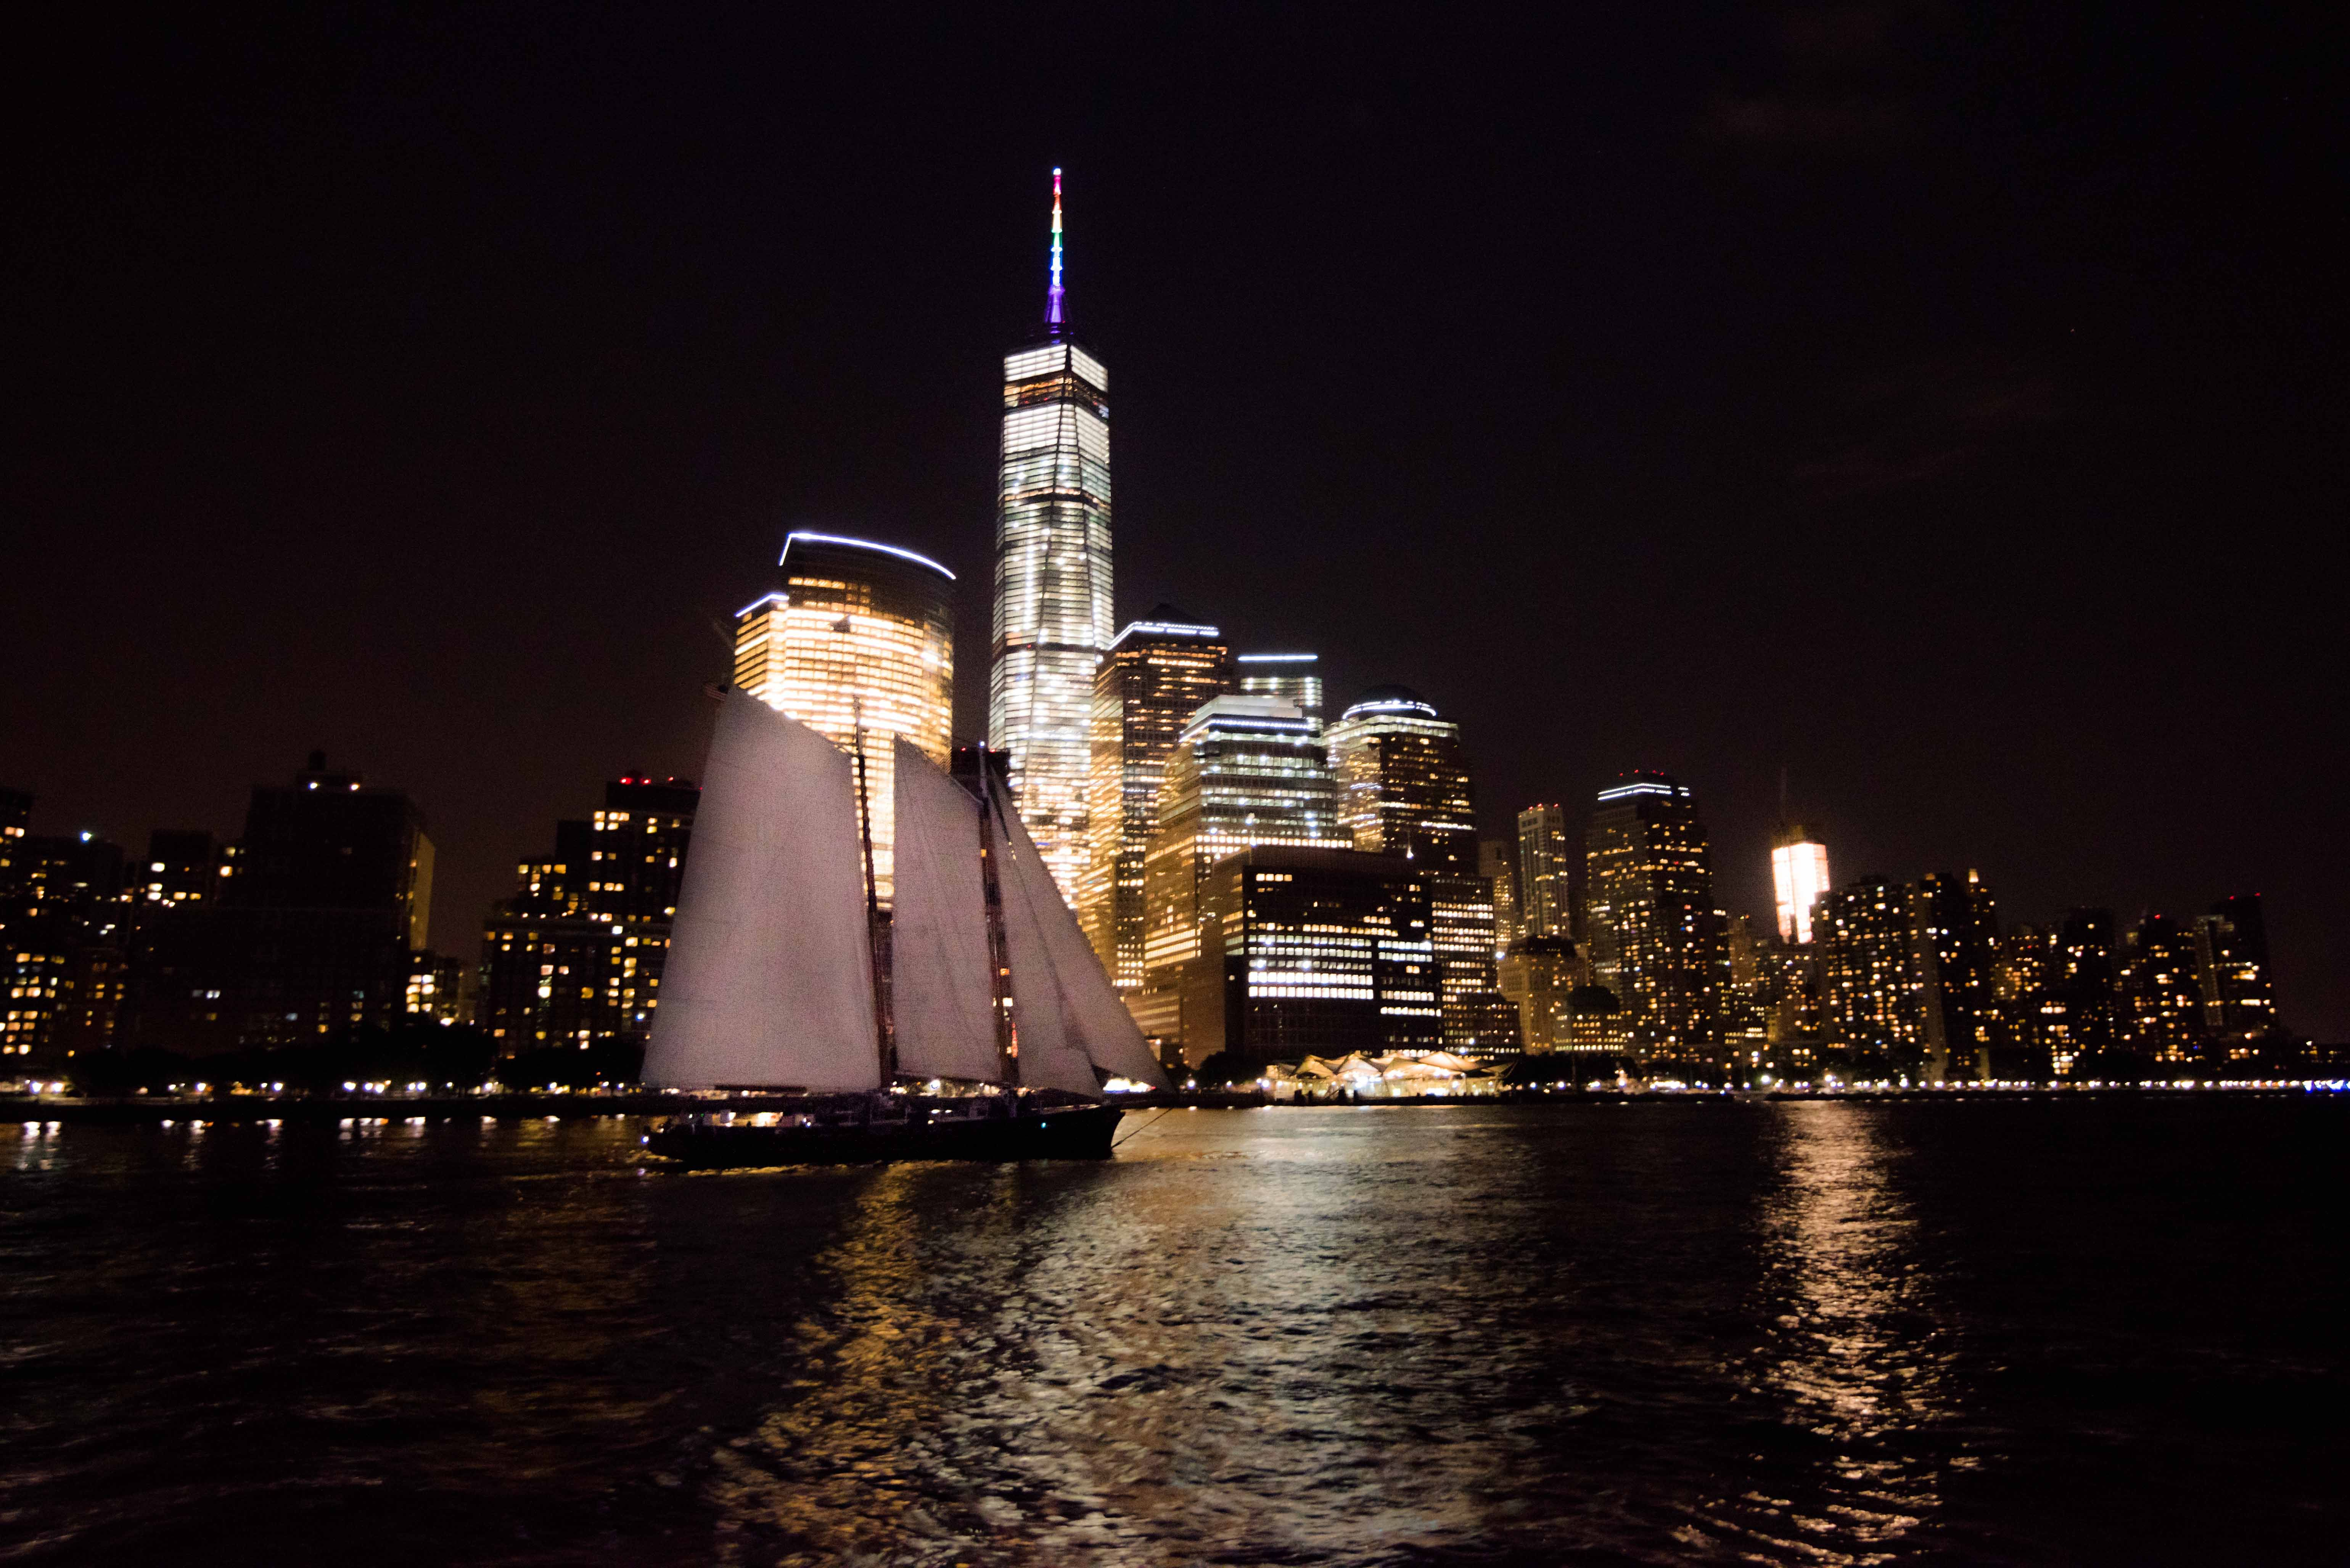 Schooner America 2.0 sailing in New York Harbor, Sailing